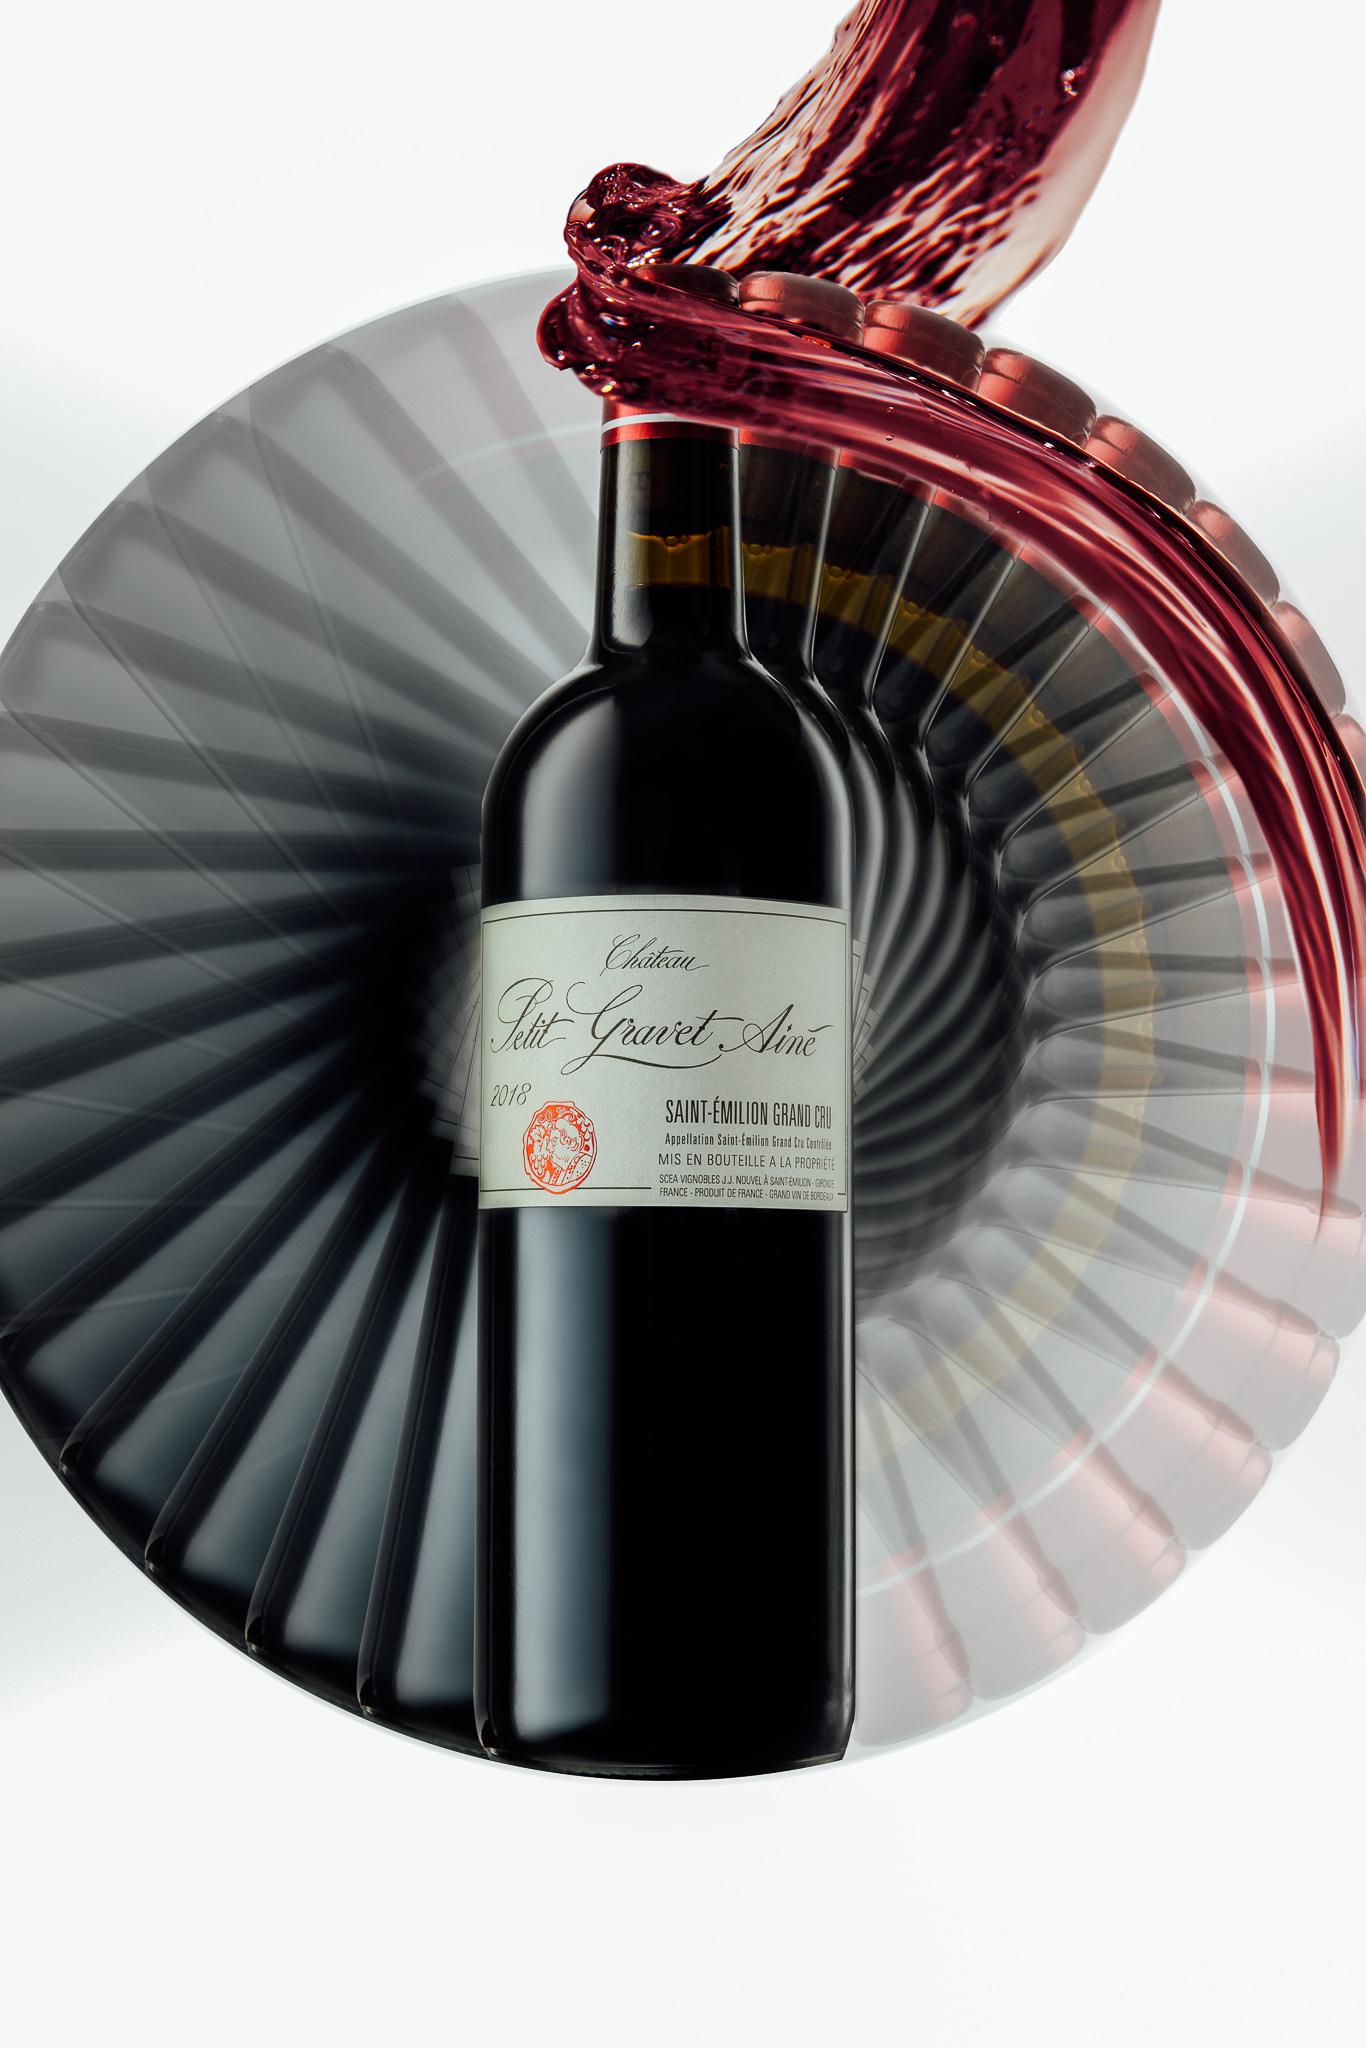 Wijnfles van Petet Gravet Aine